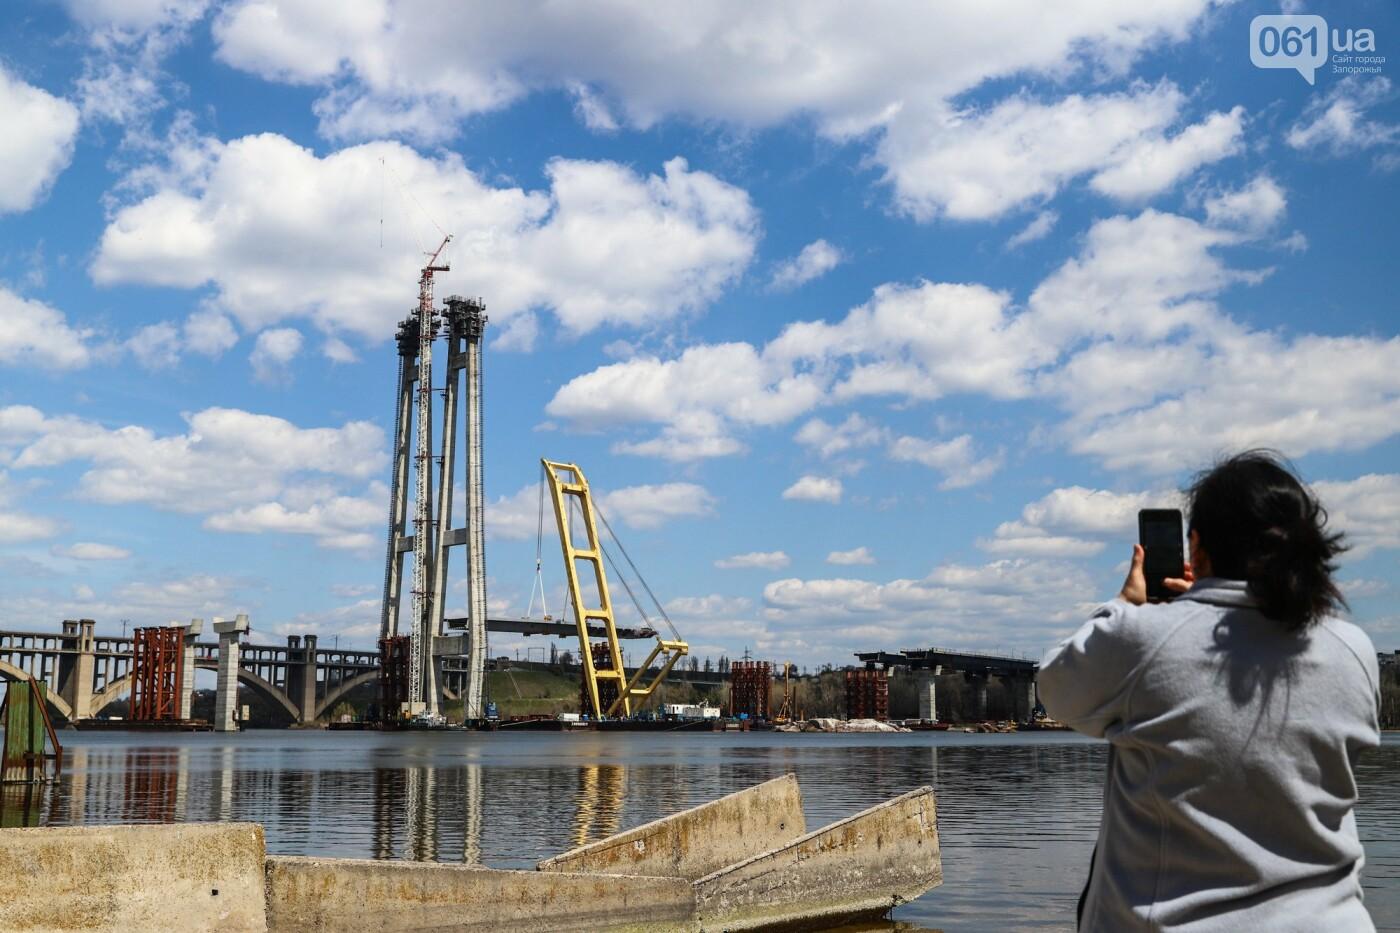 Монтаж первого пролета вантового моста, транспортный локдаун и репортаж из заброшенной шахты: апрель в фотографиях, фото-40